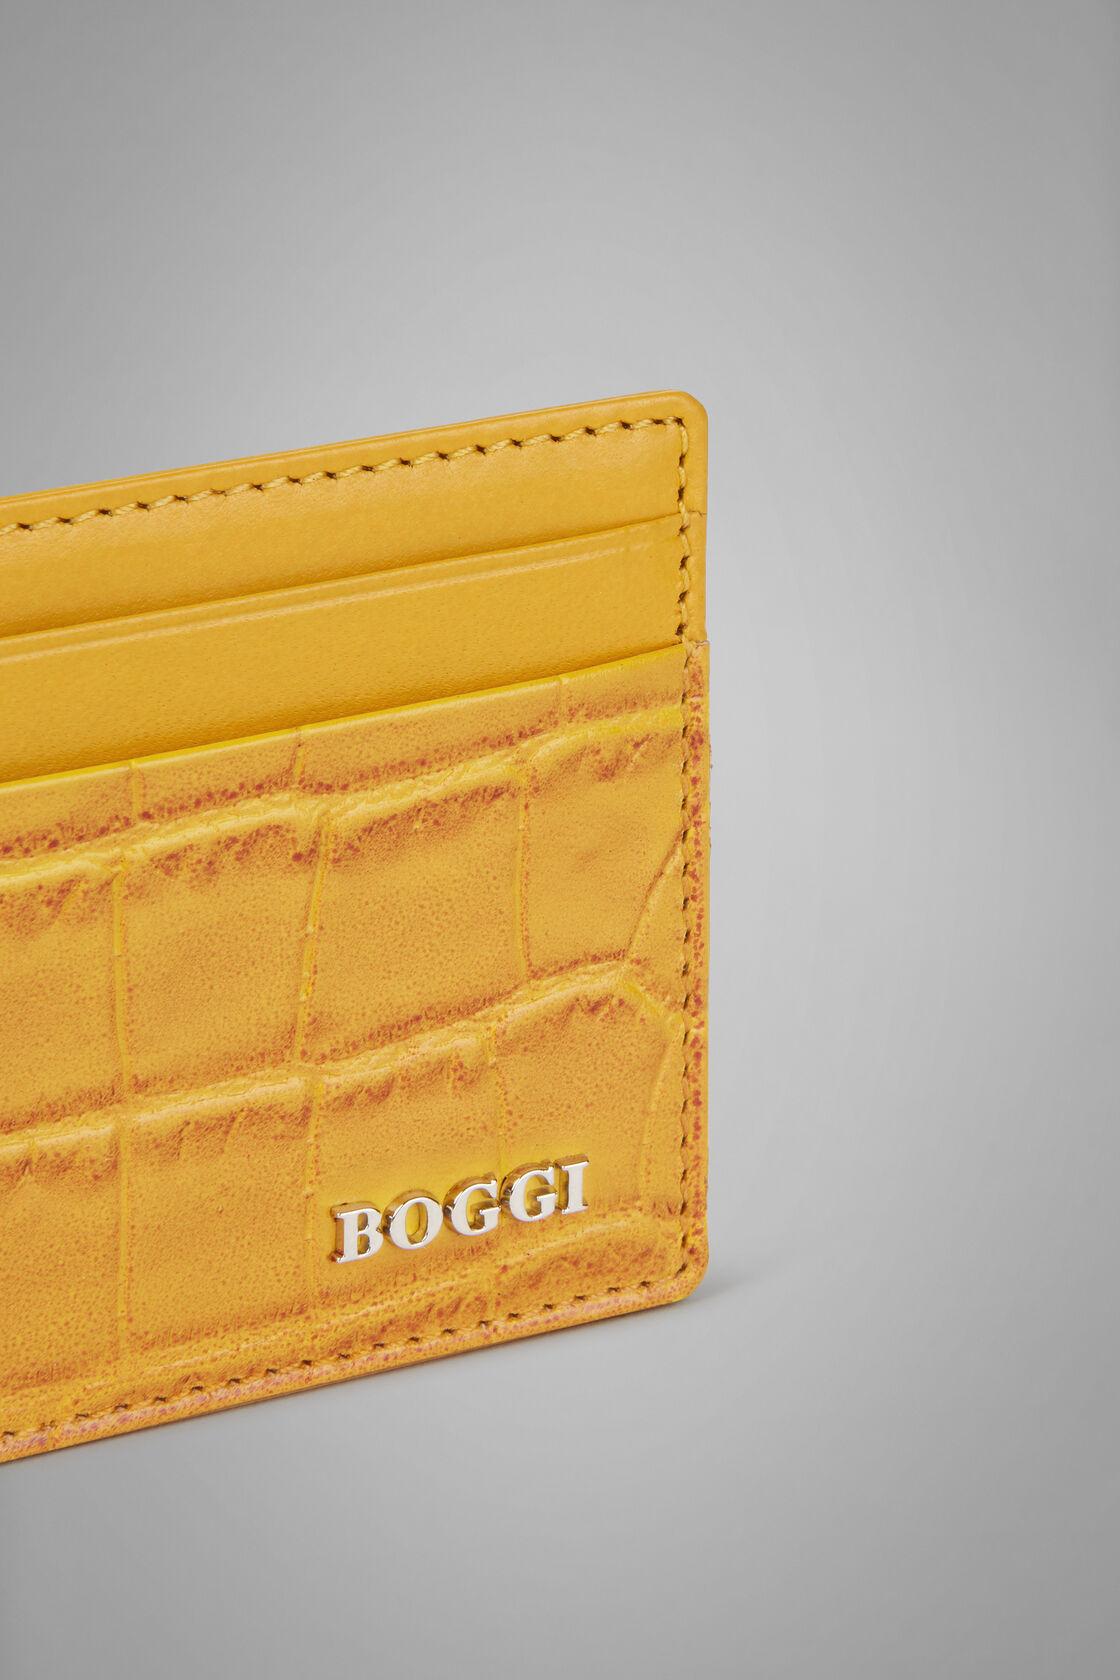 Kartenbörse Für Kreditkarten Aus Leder Mit Kokosnuss-Prägung, Gelb, hi-res